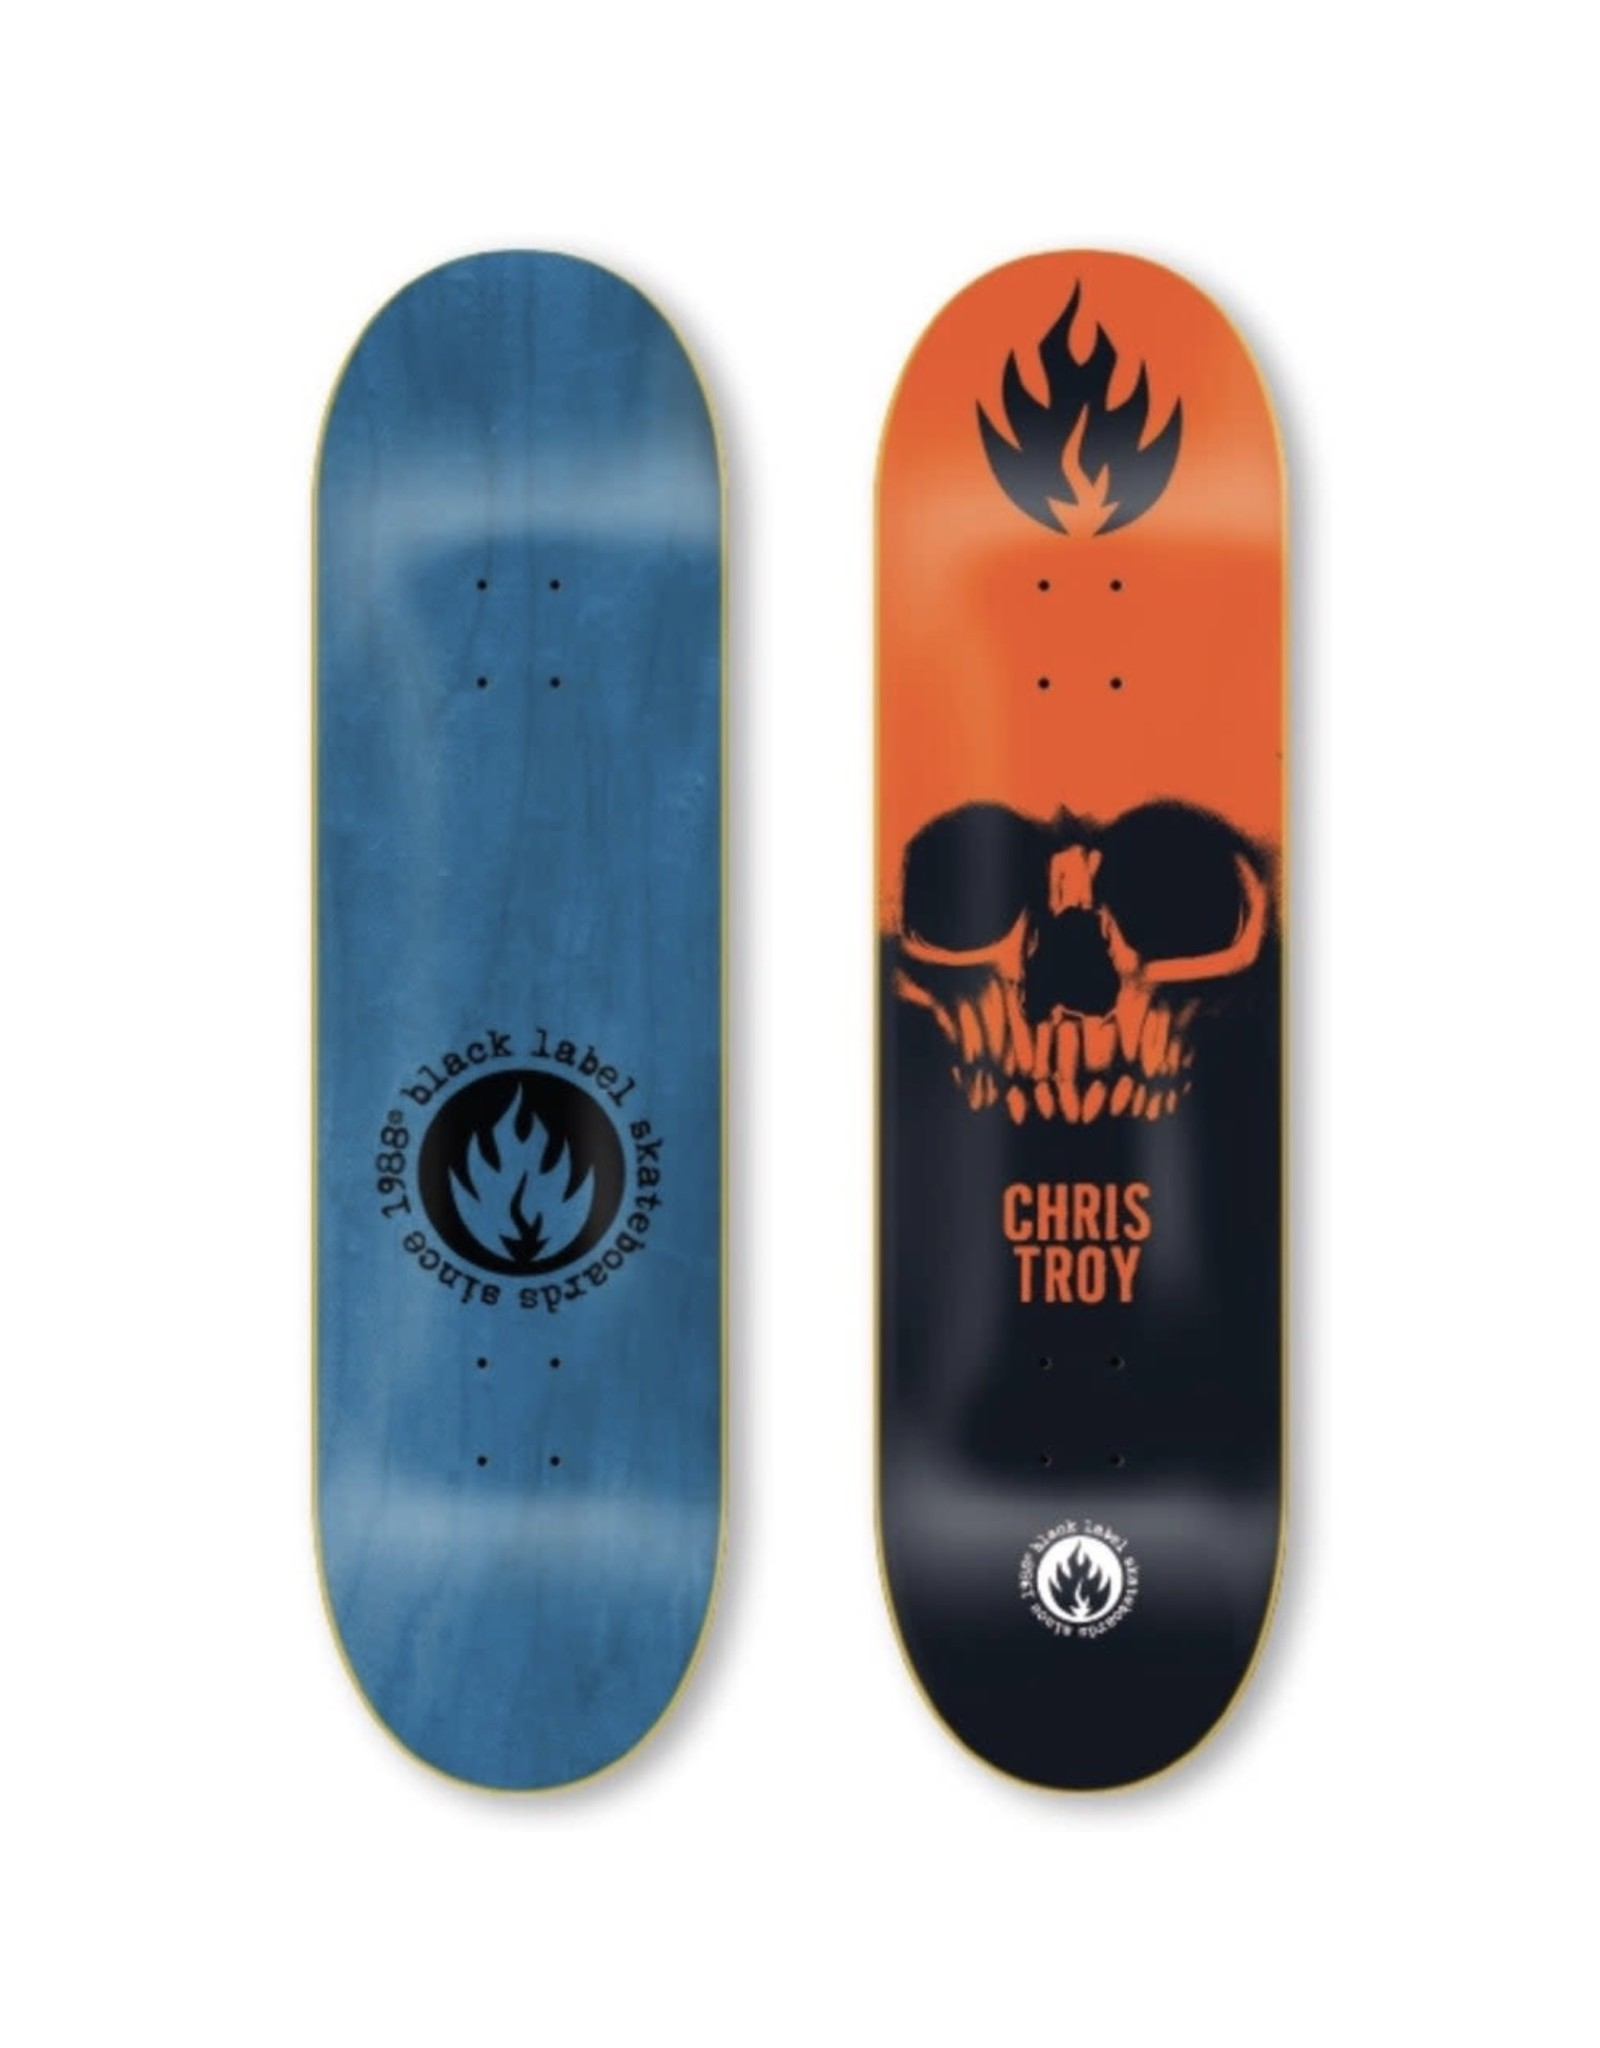 Black Label Chris Troy Pro Deck 8.5